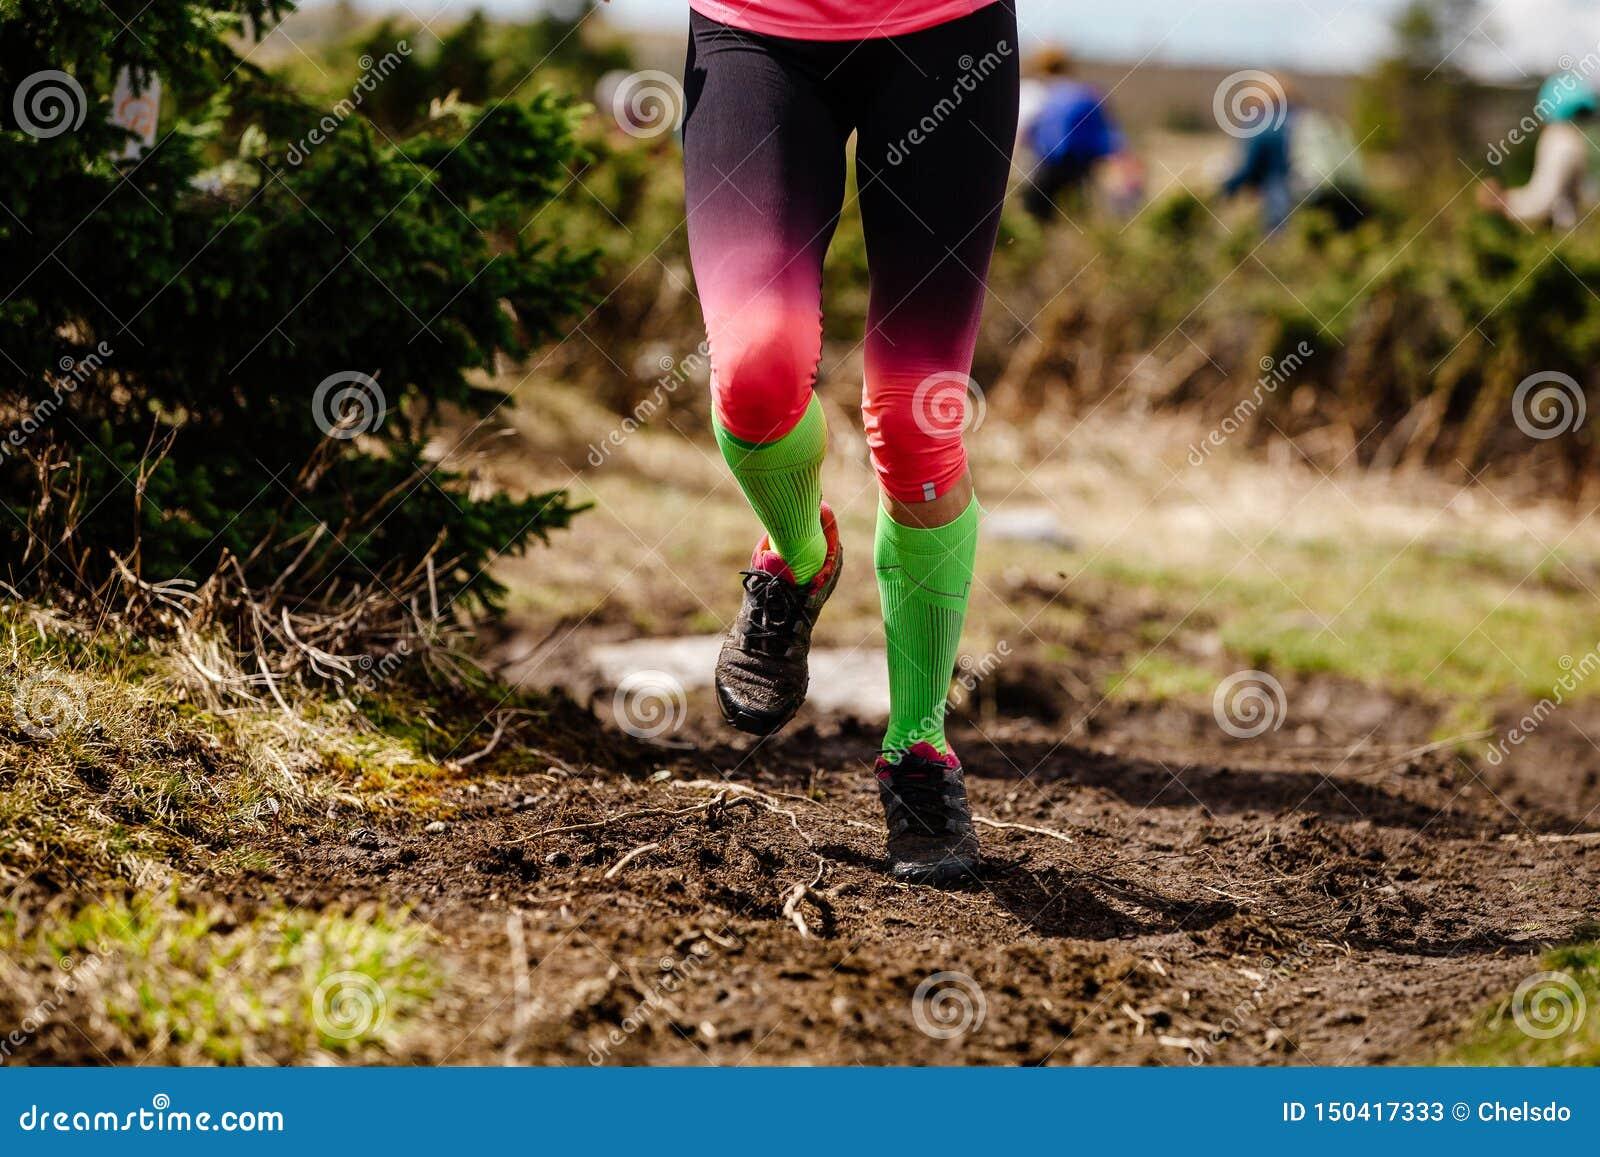 Female Legs Runner In Compression Socks